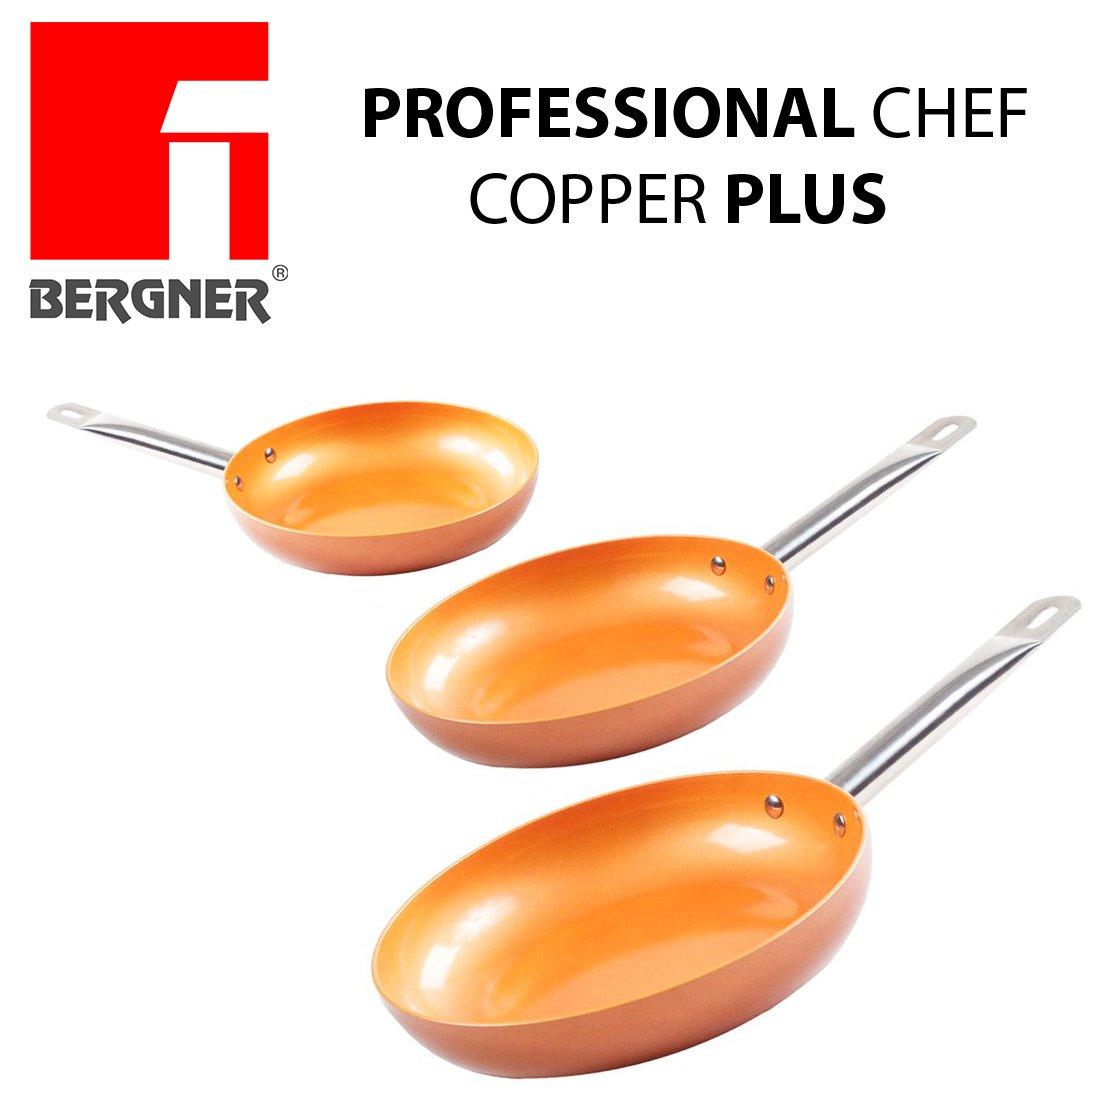 Bergner Innovador revestimiento antiadherente sin PFOA Fondo id/óneo para cocina de inducci/ón 1165. muy resistentesDi/ámetro de 20//24//28 cm Juego de 3 sartenes Chef Copper Plus de cobre